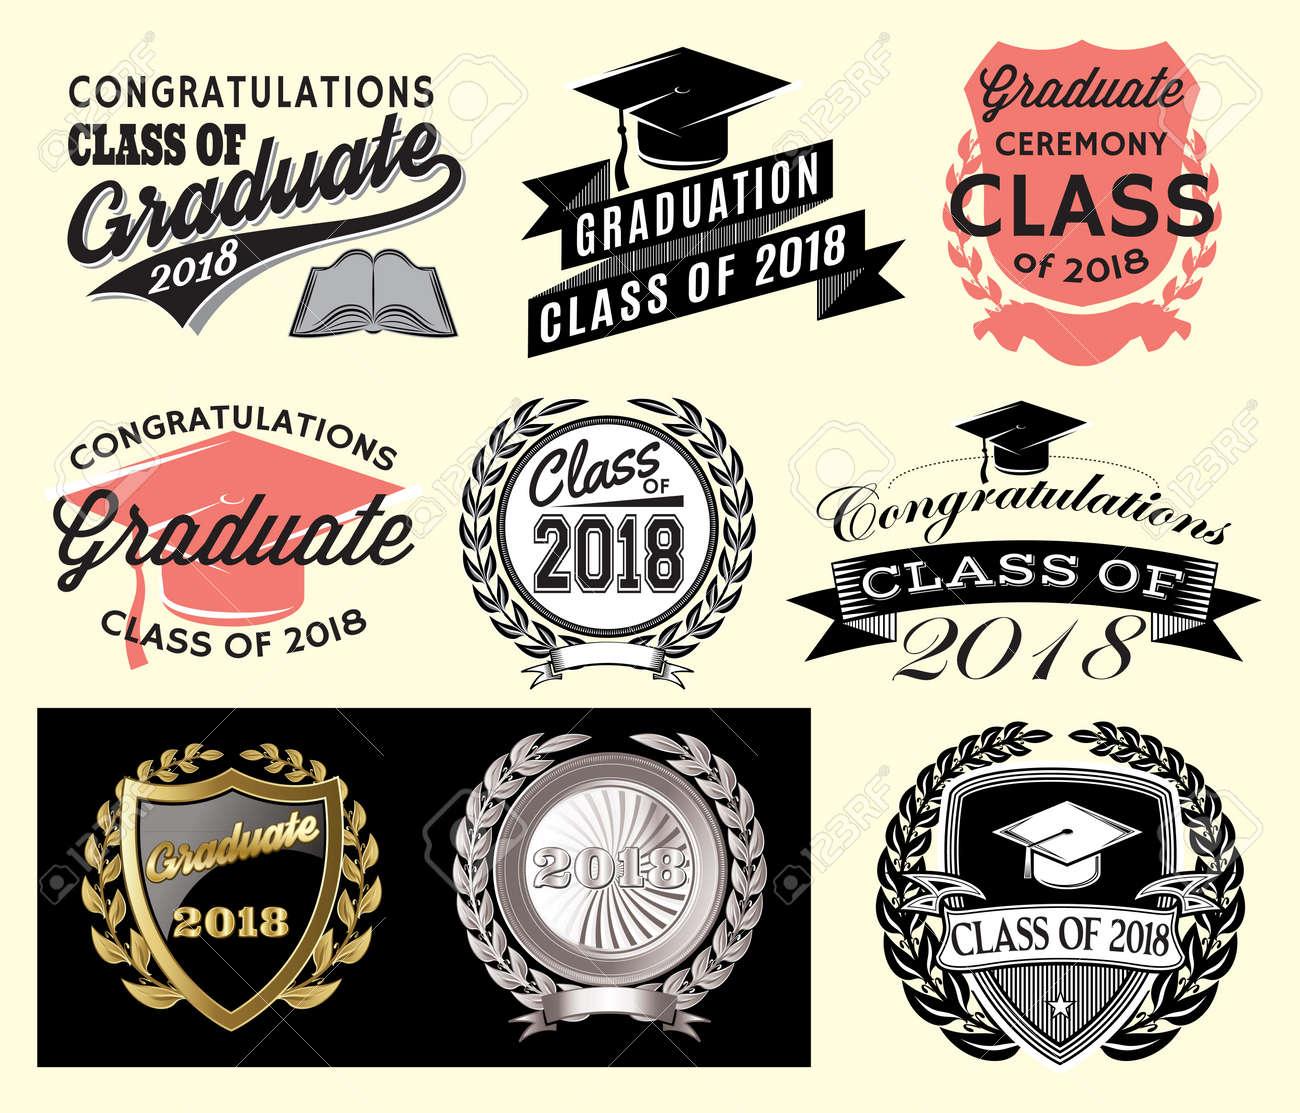 graduation sector set class of 2018 congrats grad congratulations